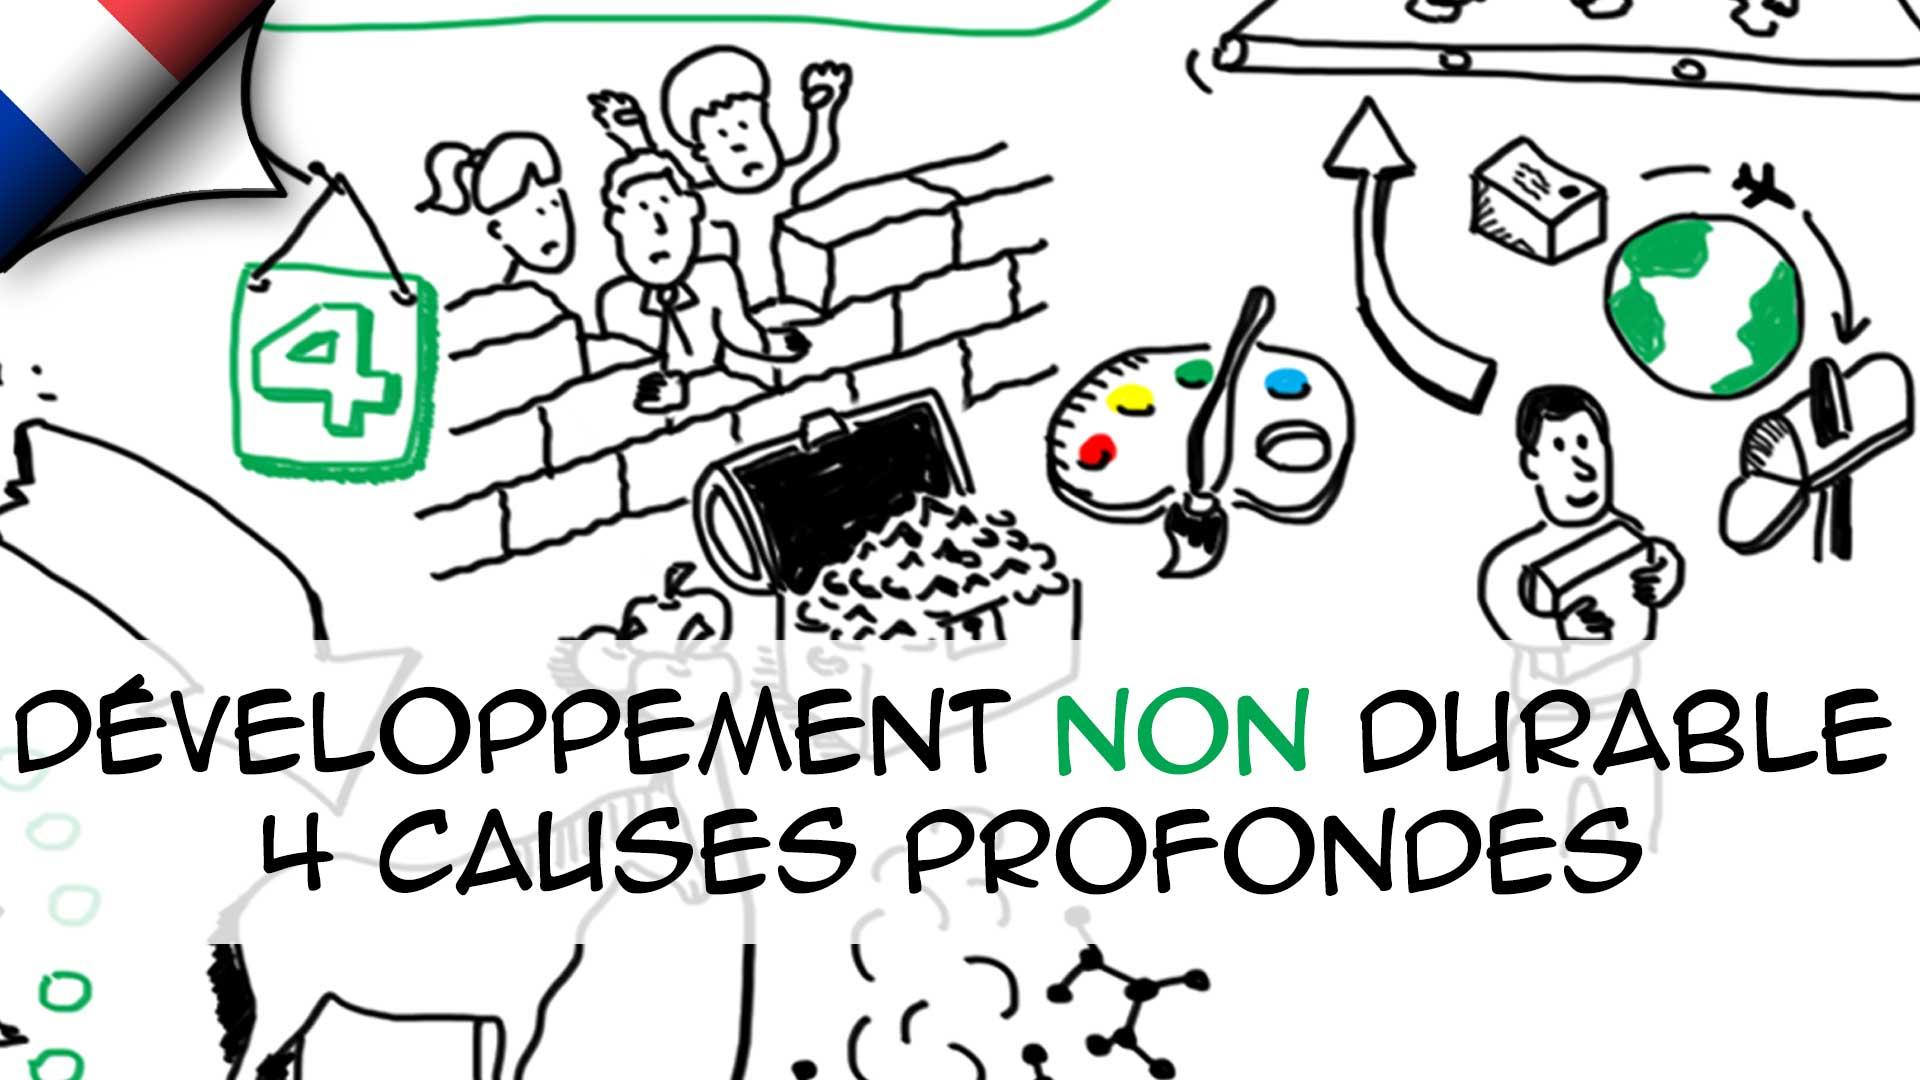 Développement NON durable : 4 causes profondes